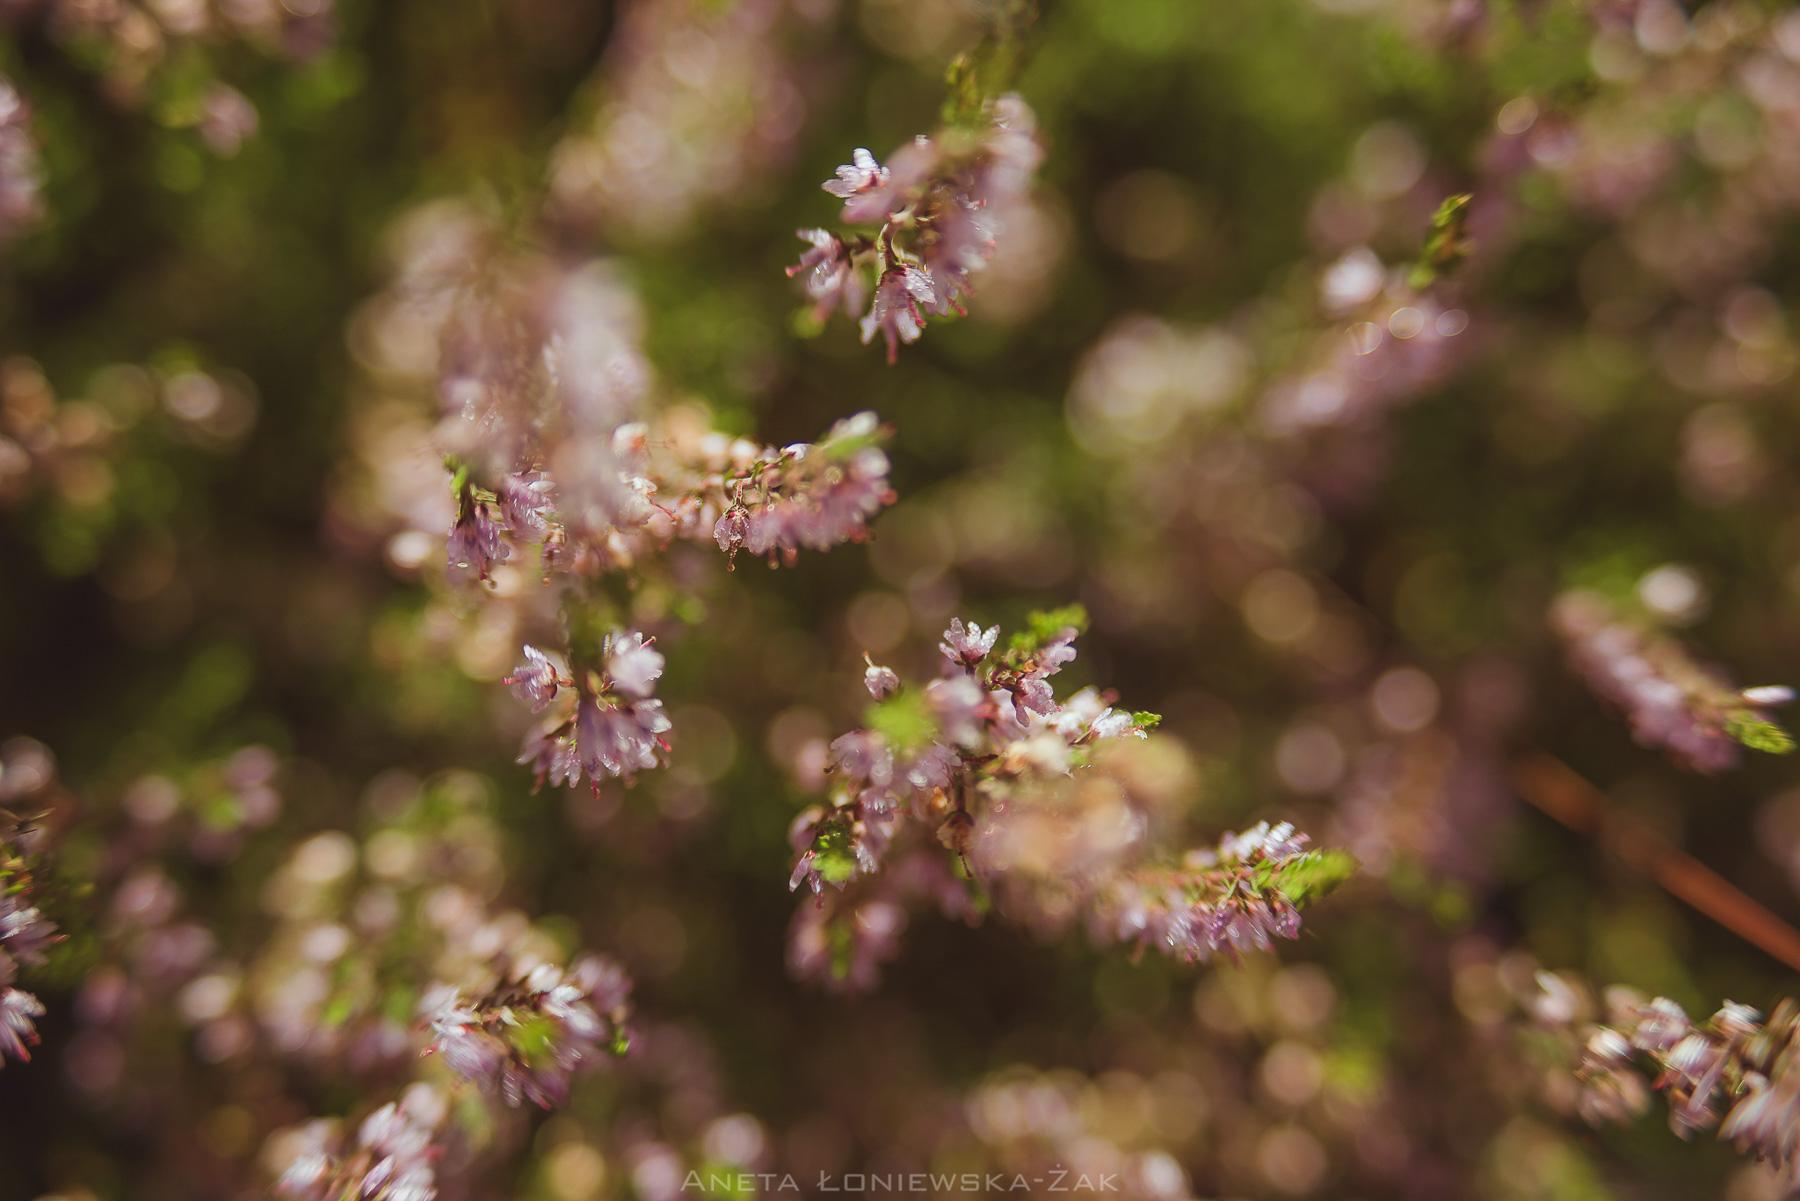 fotografia przyrodnicza, puszcza knyszyńska, podlasie, pkpk, wrzos pospolity calluna vulgaris